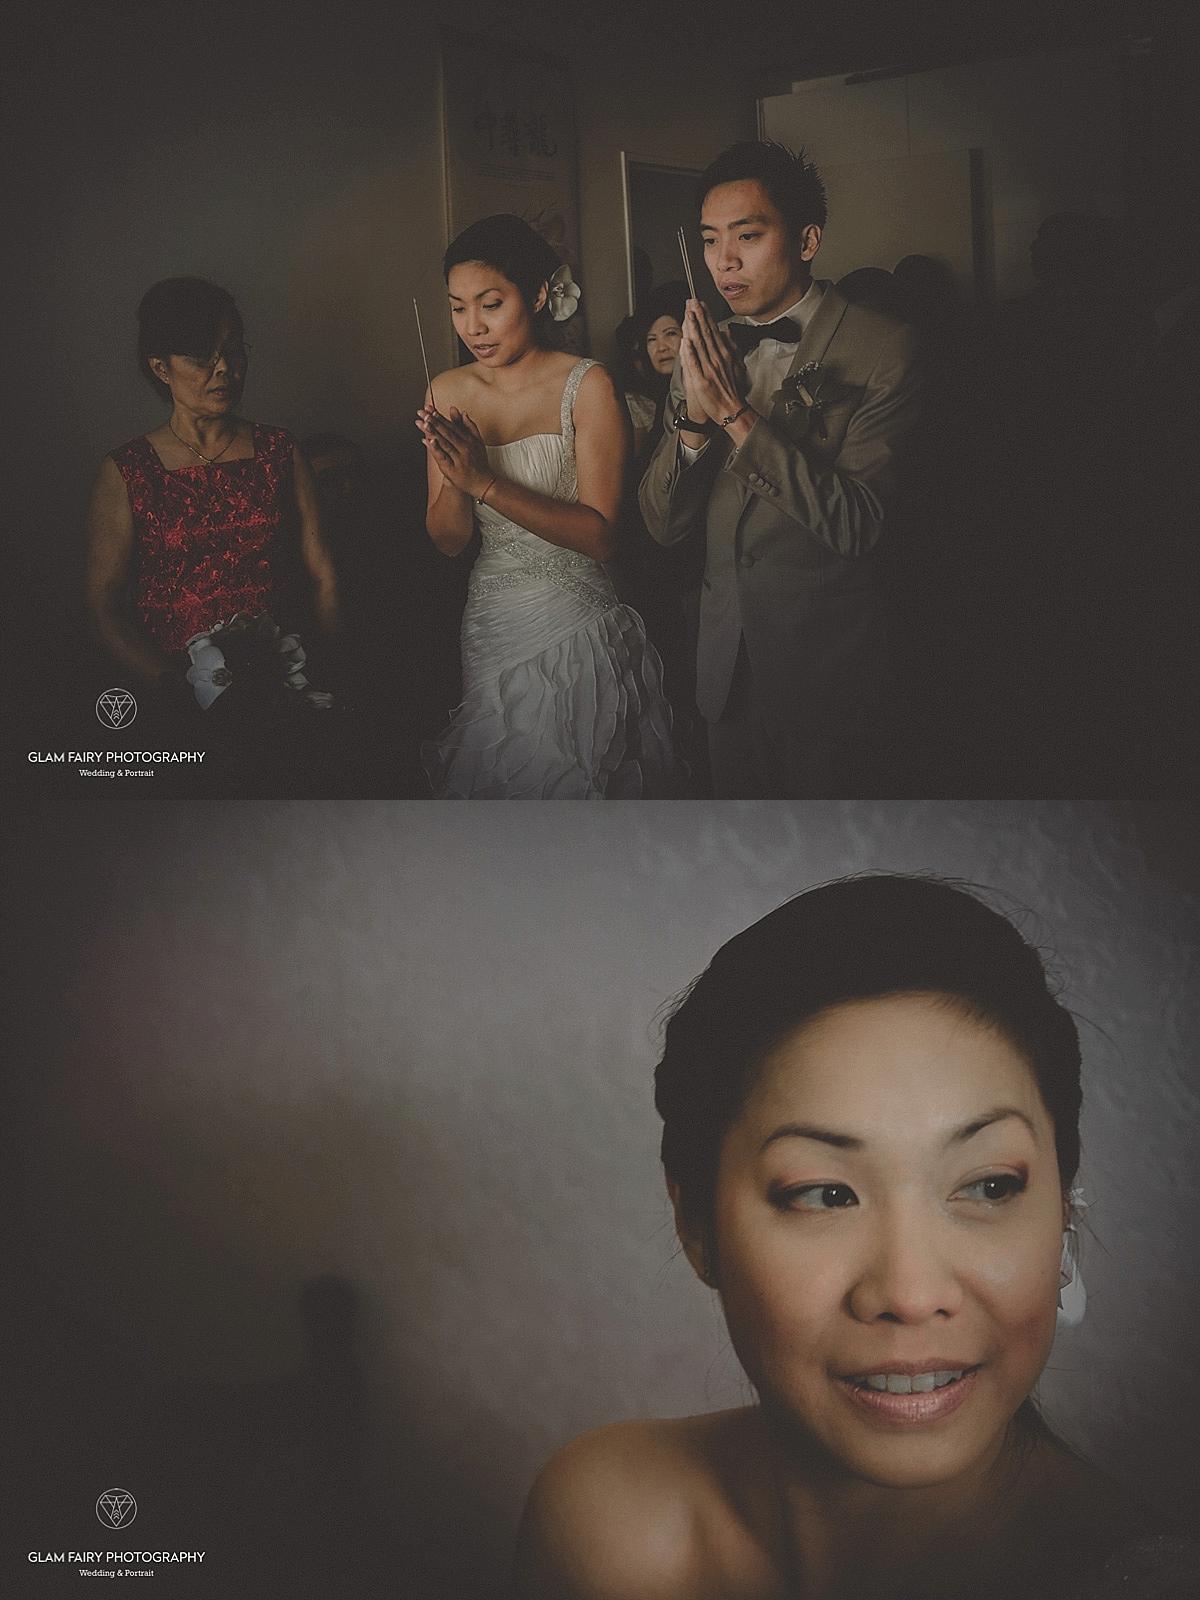 GlamFairyPhotography-mariage-chinois-paris-marisouk_0014